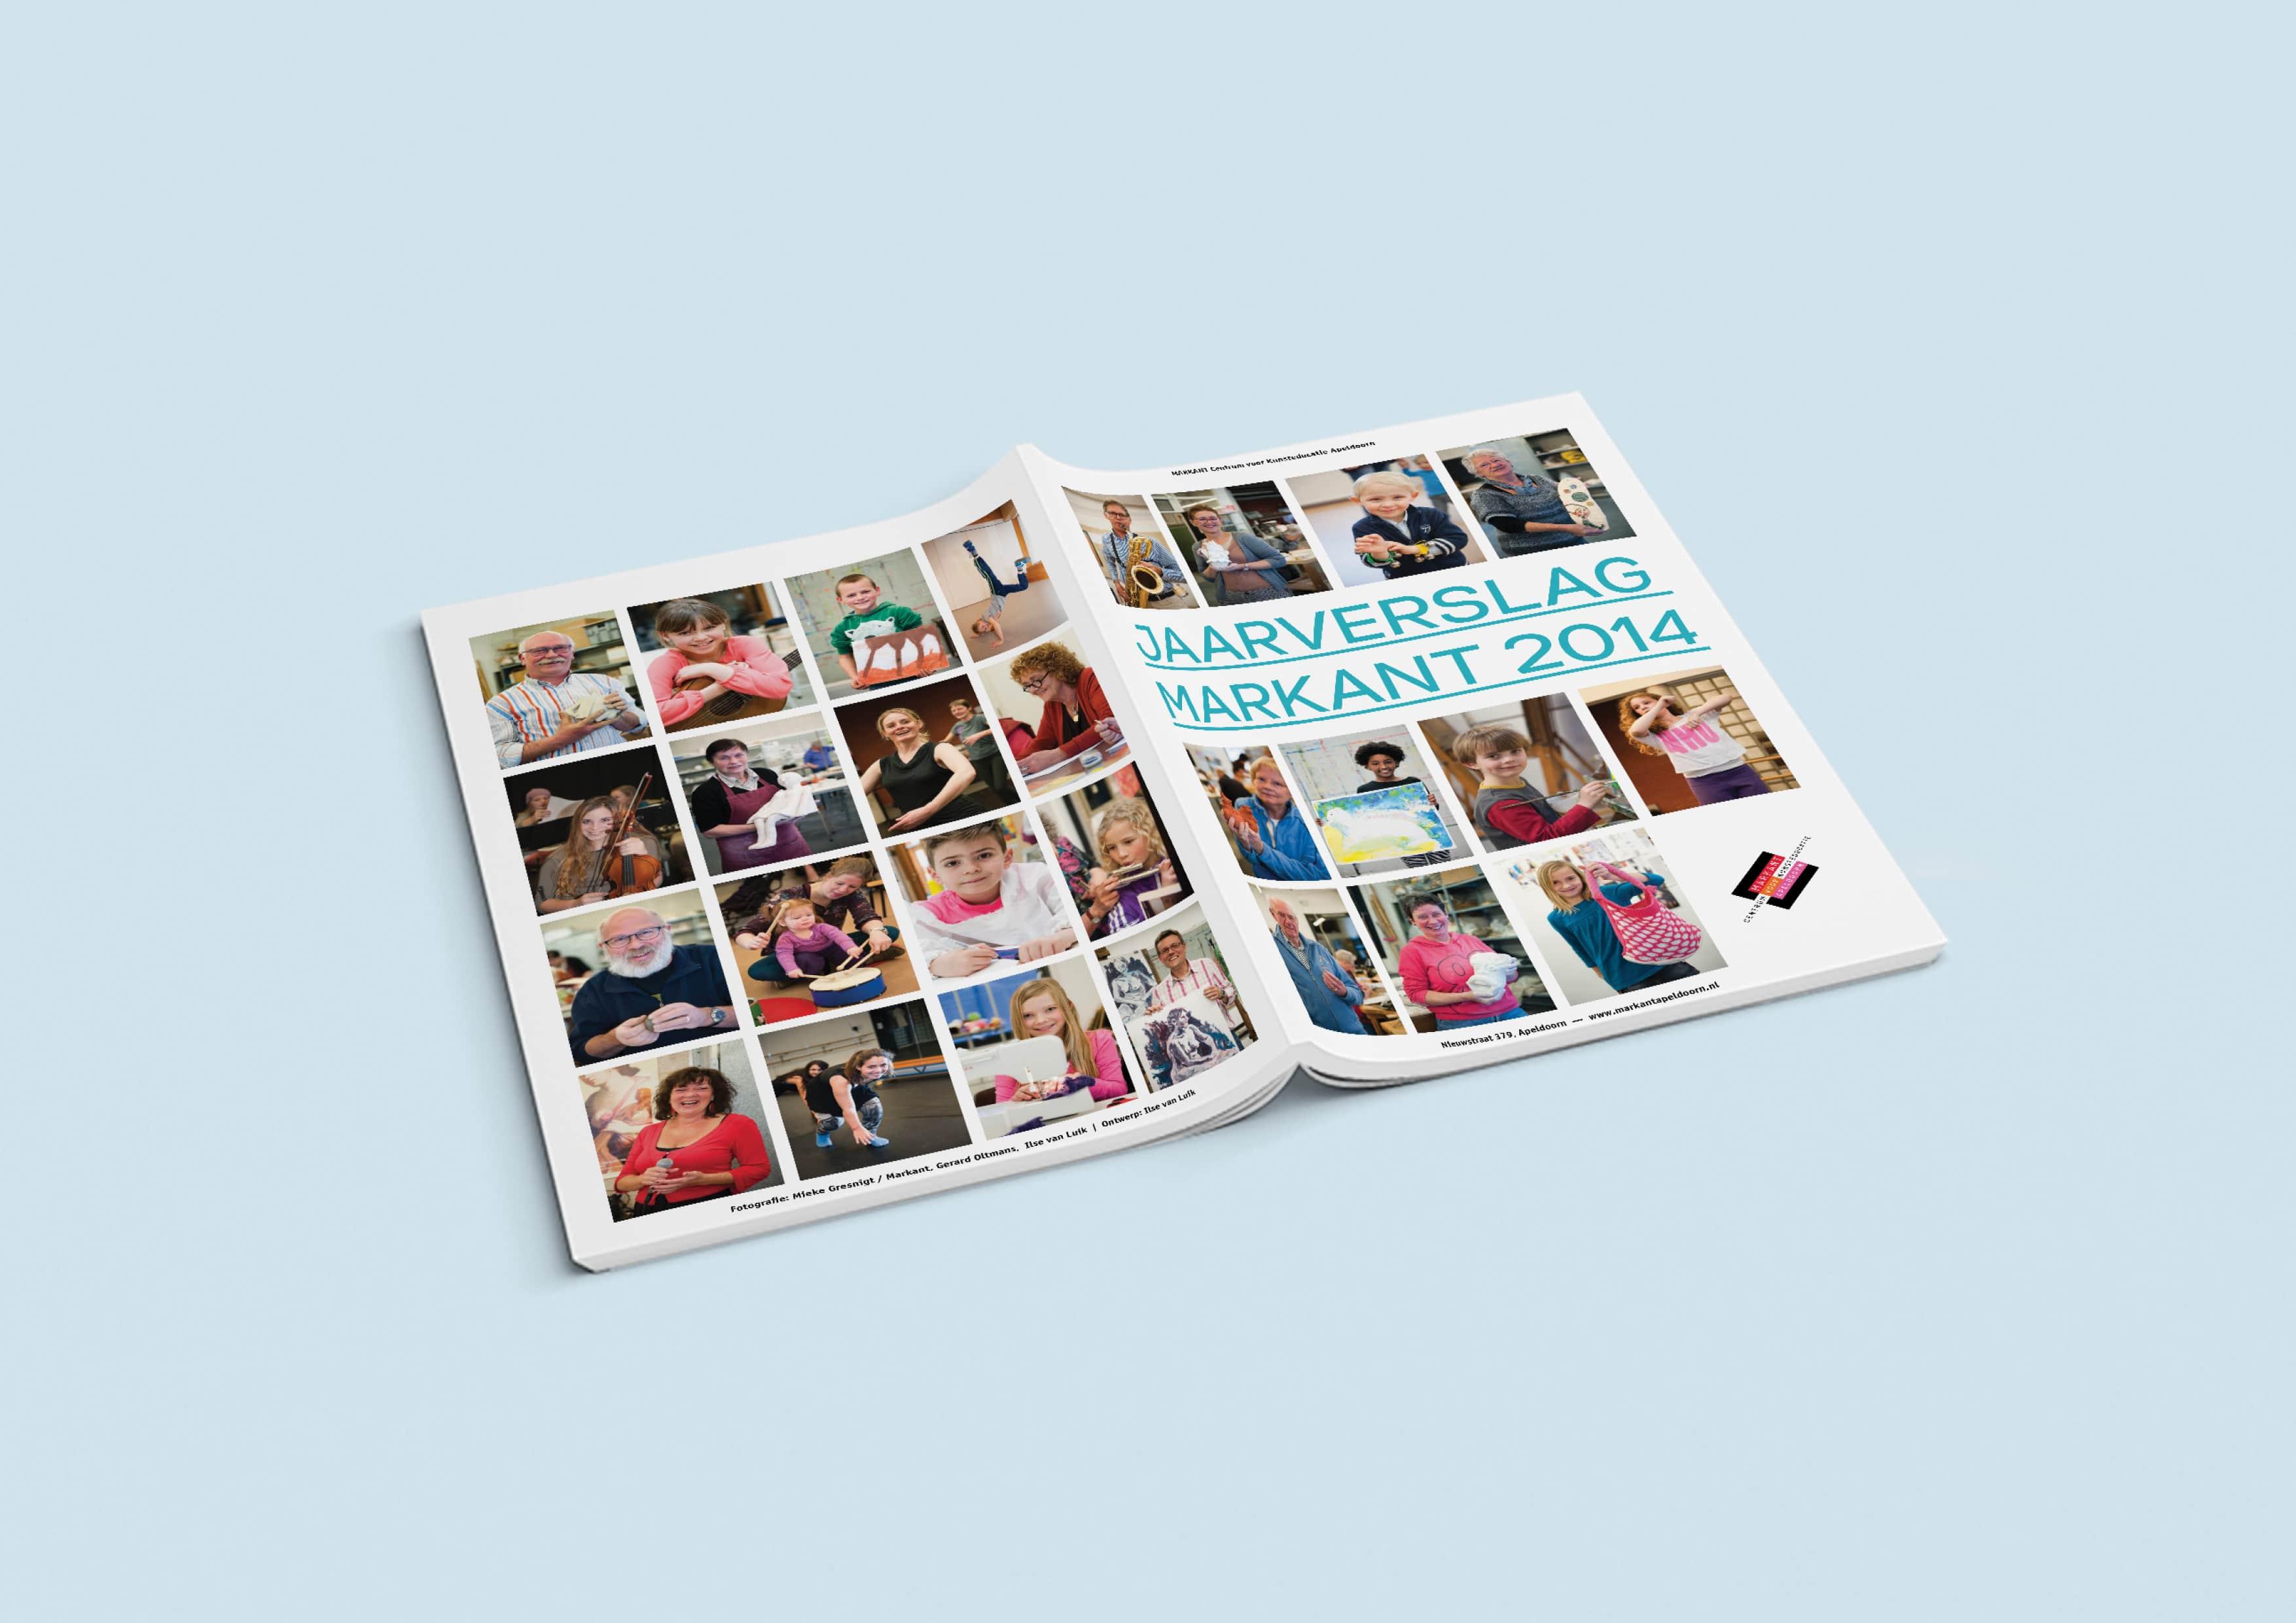 Markant jaarverslag ontwerp